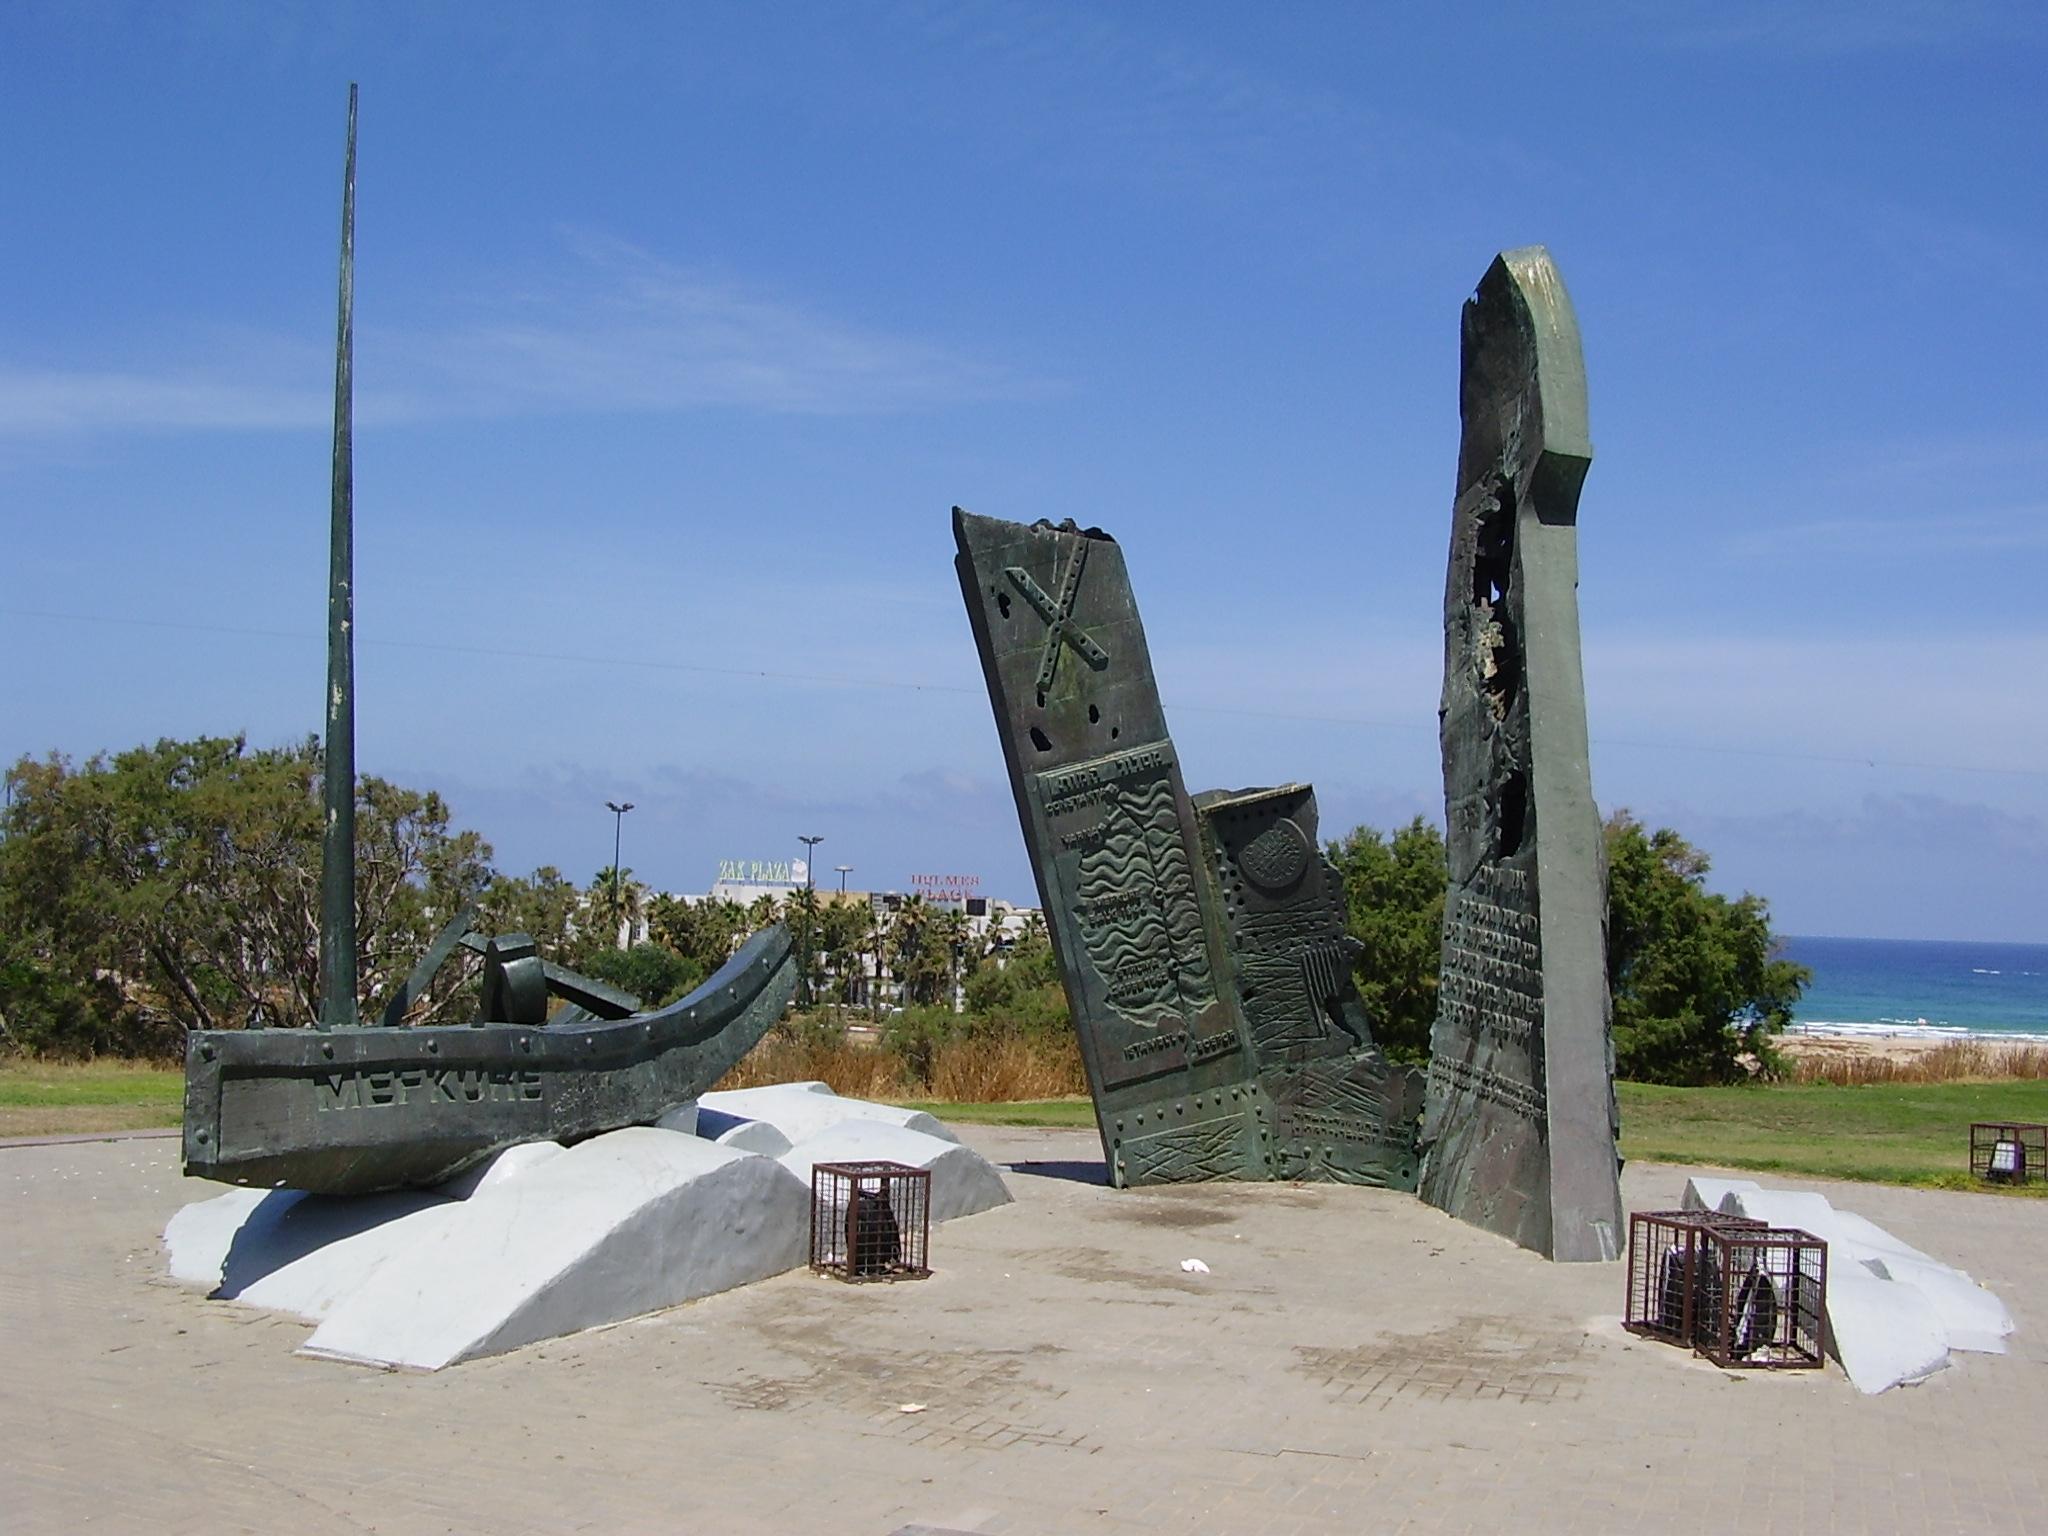 Victime de la Timişoara pe vasul Mefkure